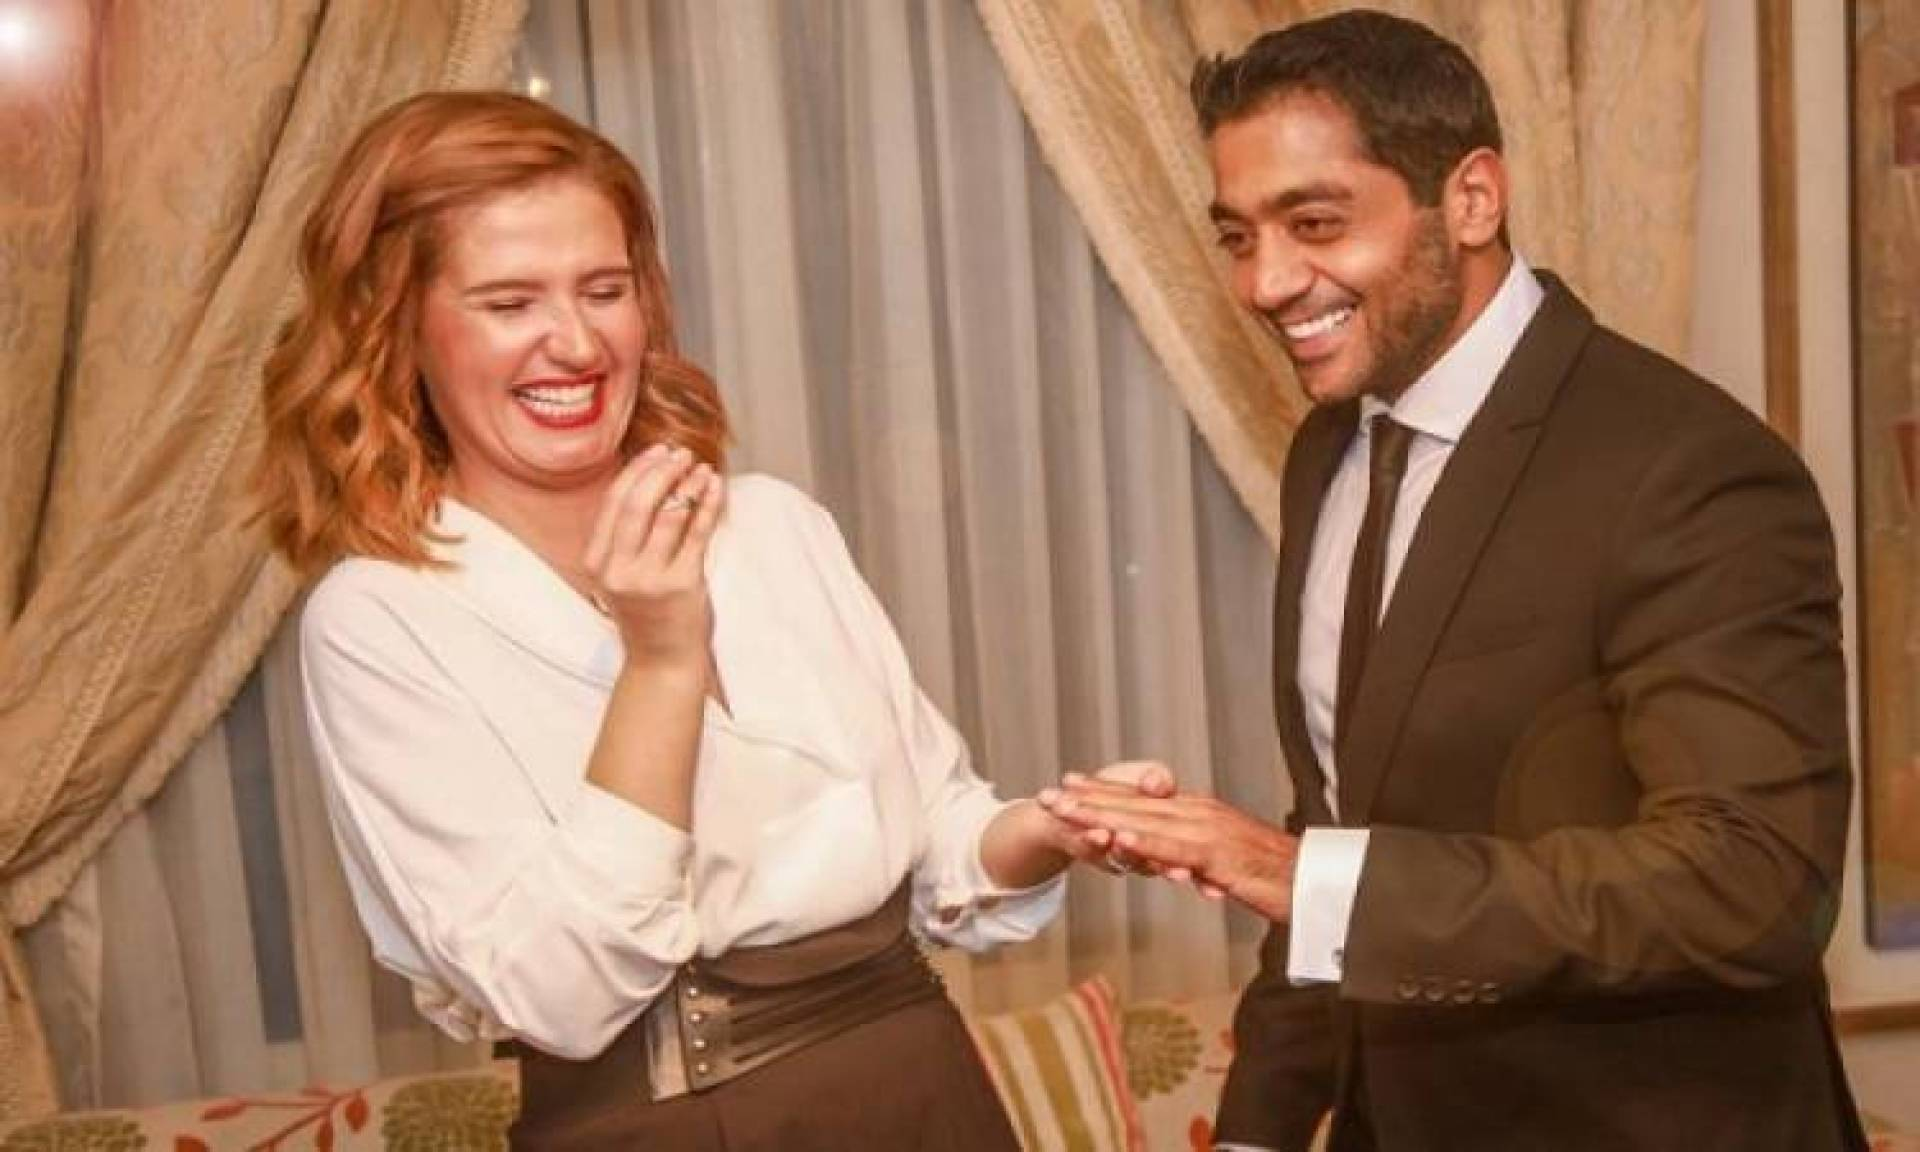 أحمد فلوكس من دون خاتم الزواج.. هل انفصل عن هنا شيحة؟